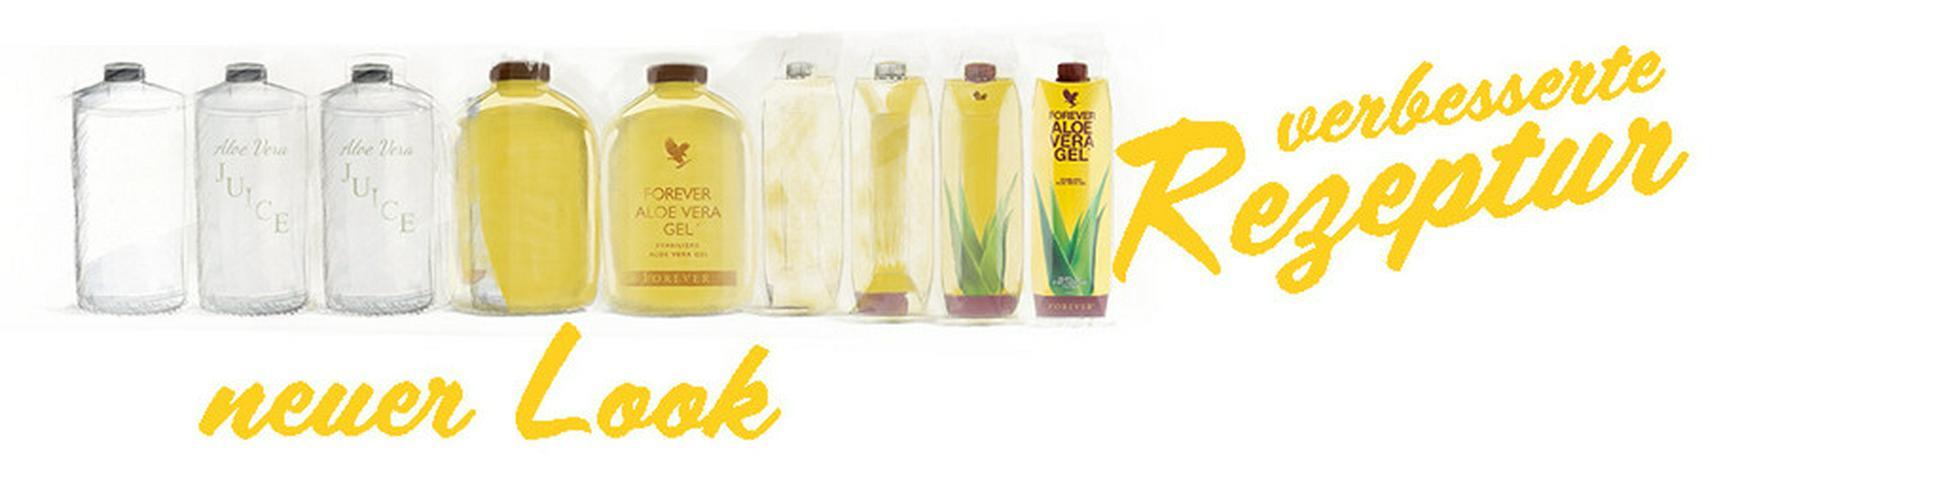 Bild 4: FOREVER Aloe Berry Nectar ab 29,48 € / Liter